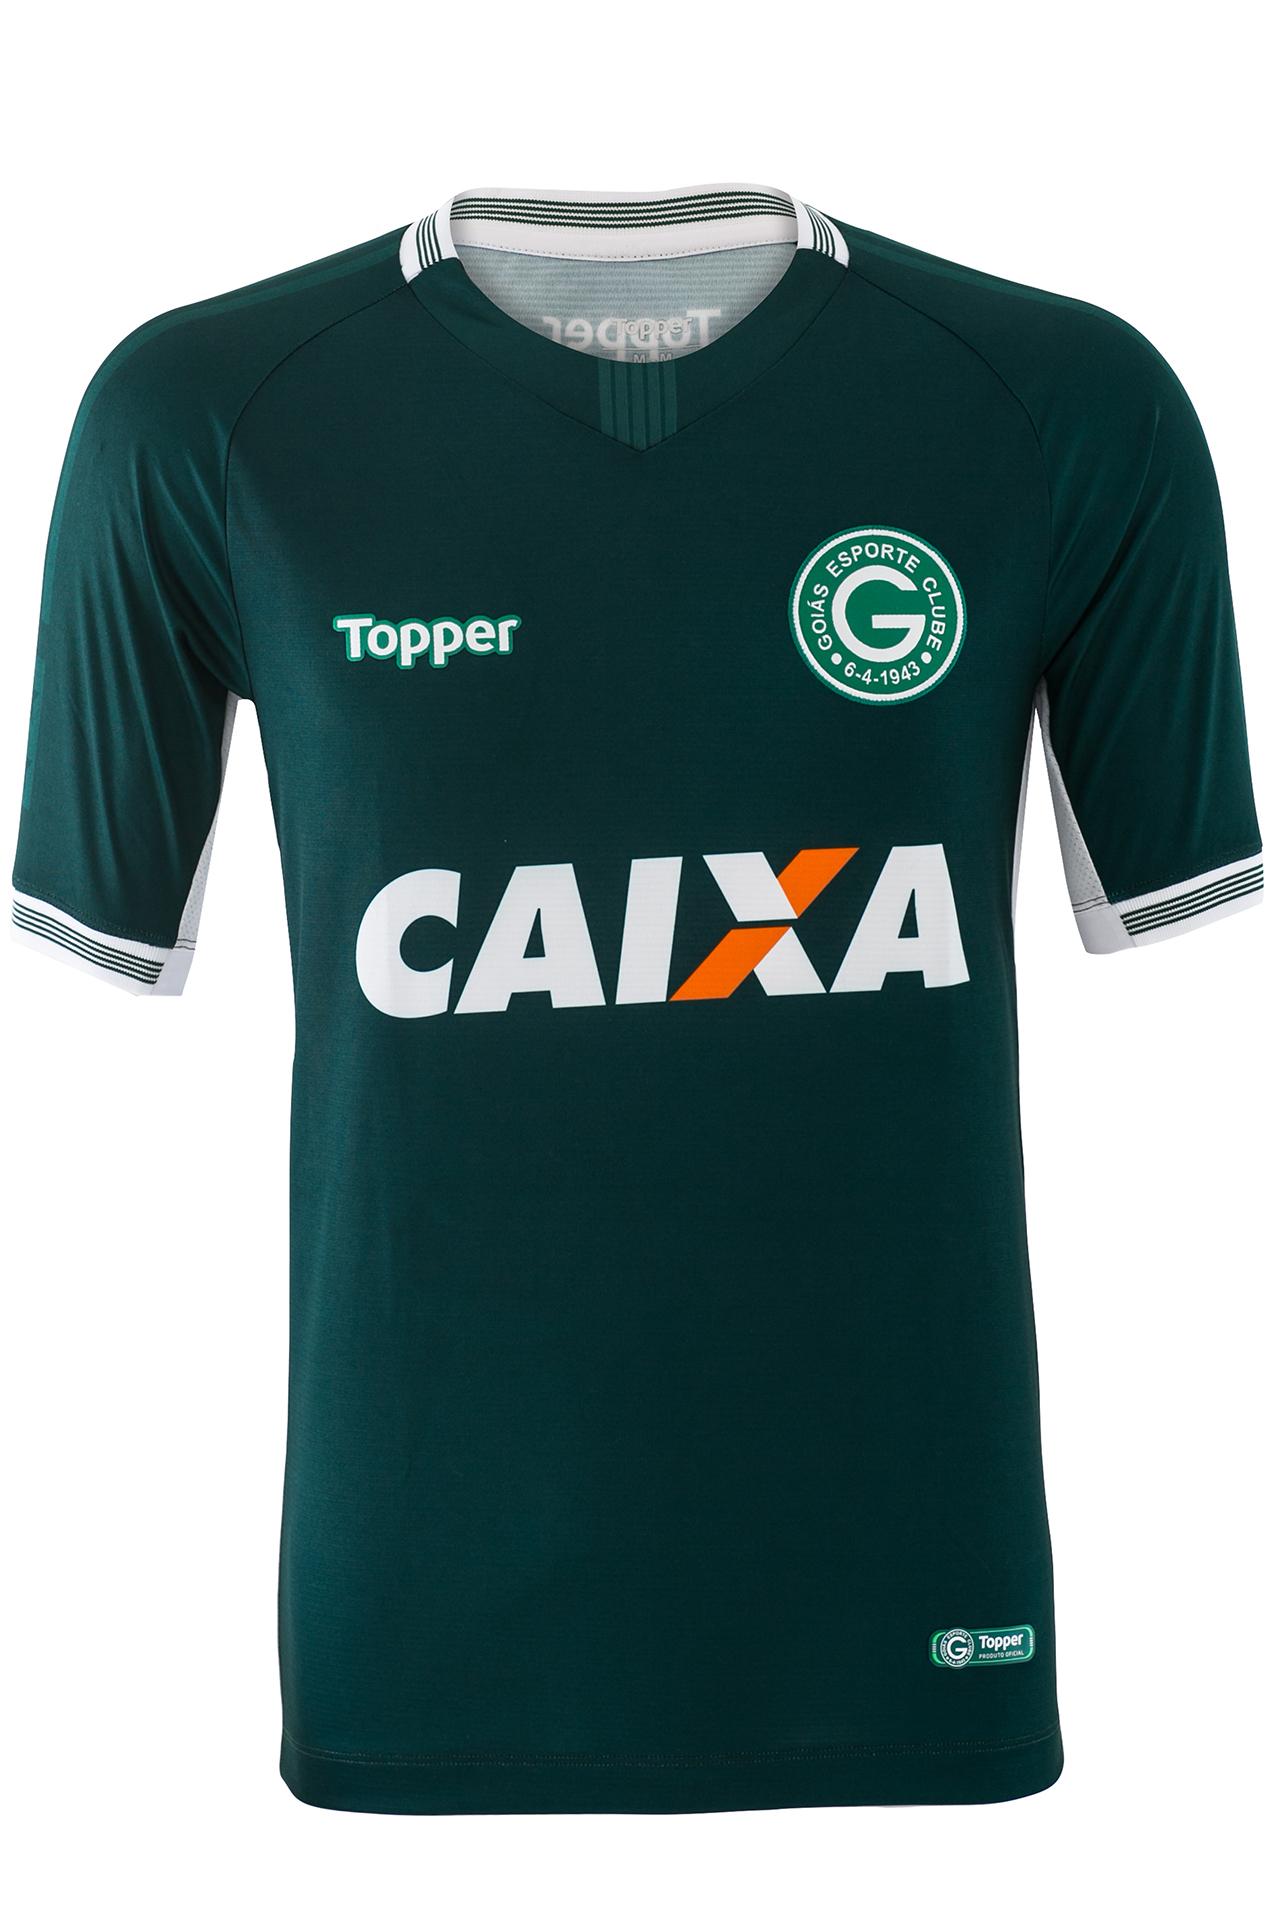 Goiás valoriza ícones regionais em novas camisas 1 e 2  69e02f2729dec